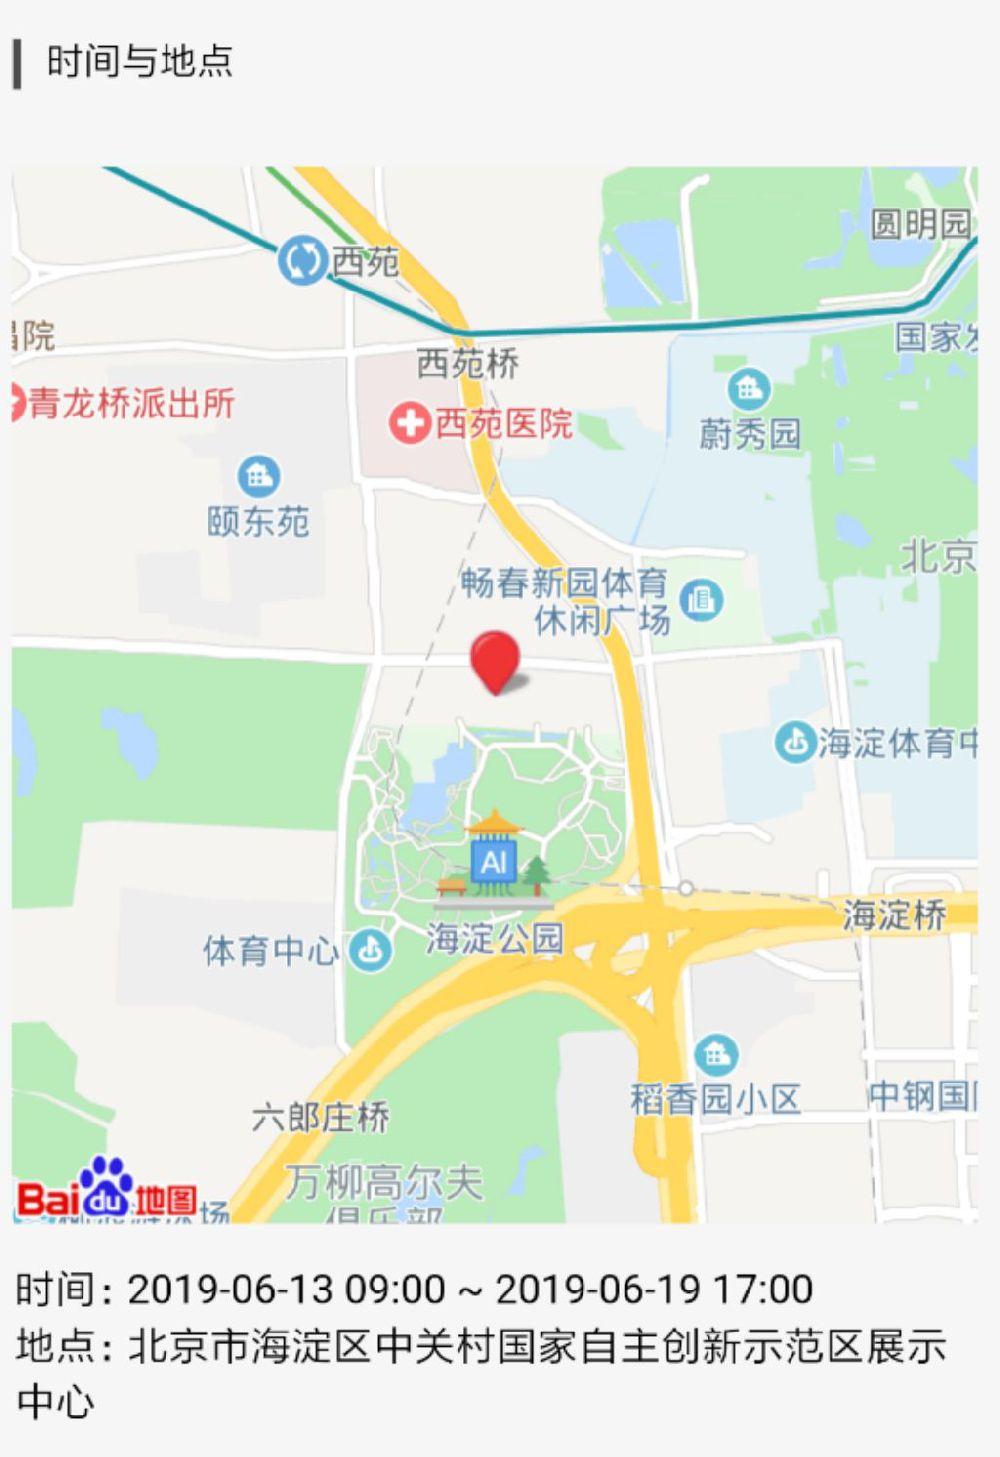 2019北京双创周展览参观攻略请收好